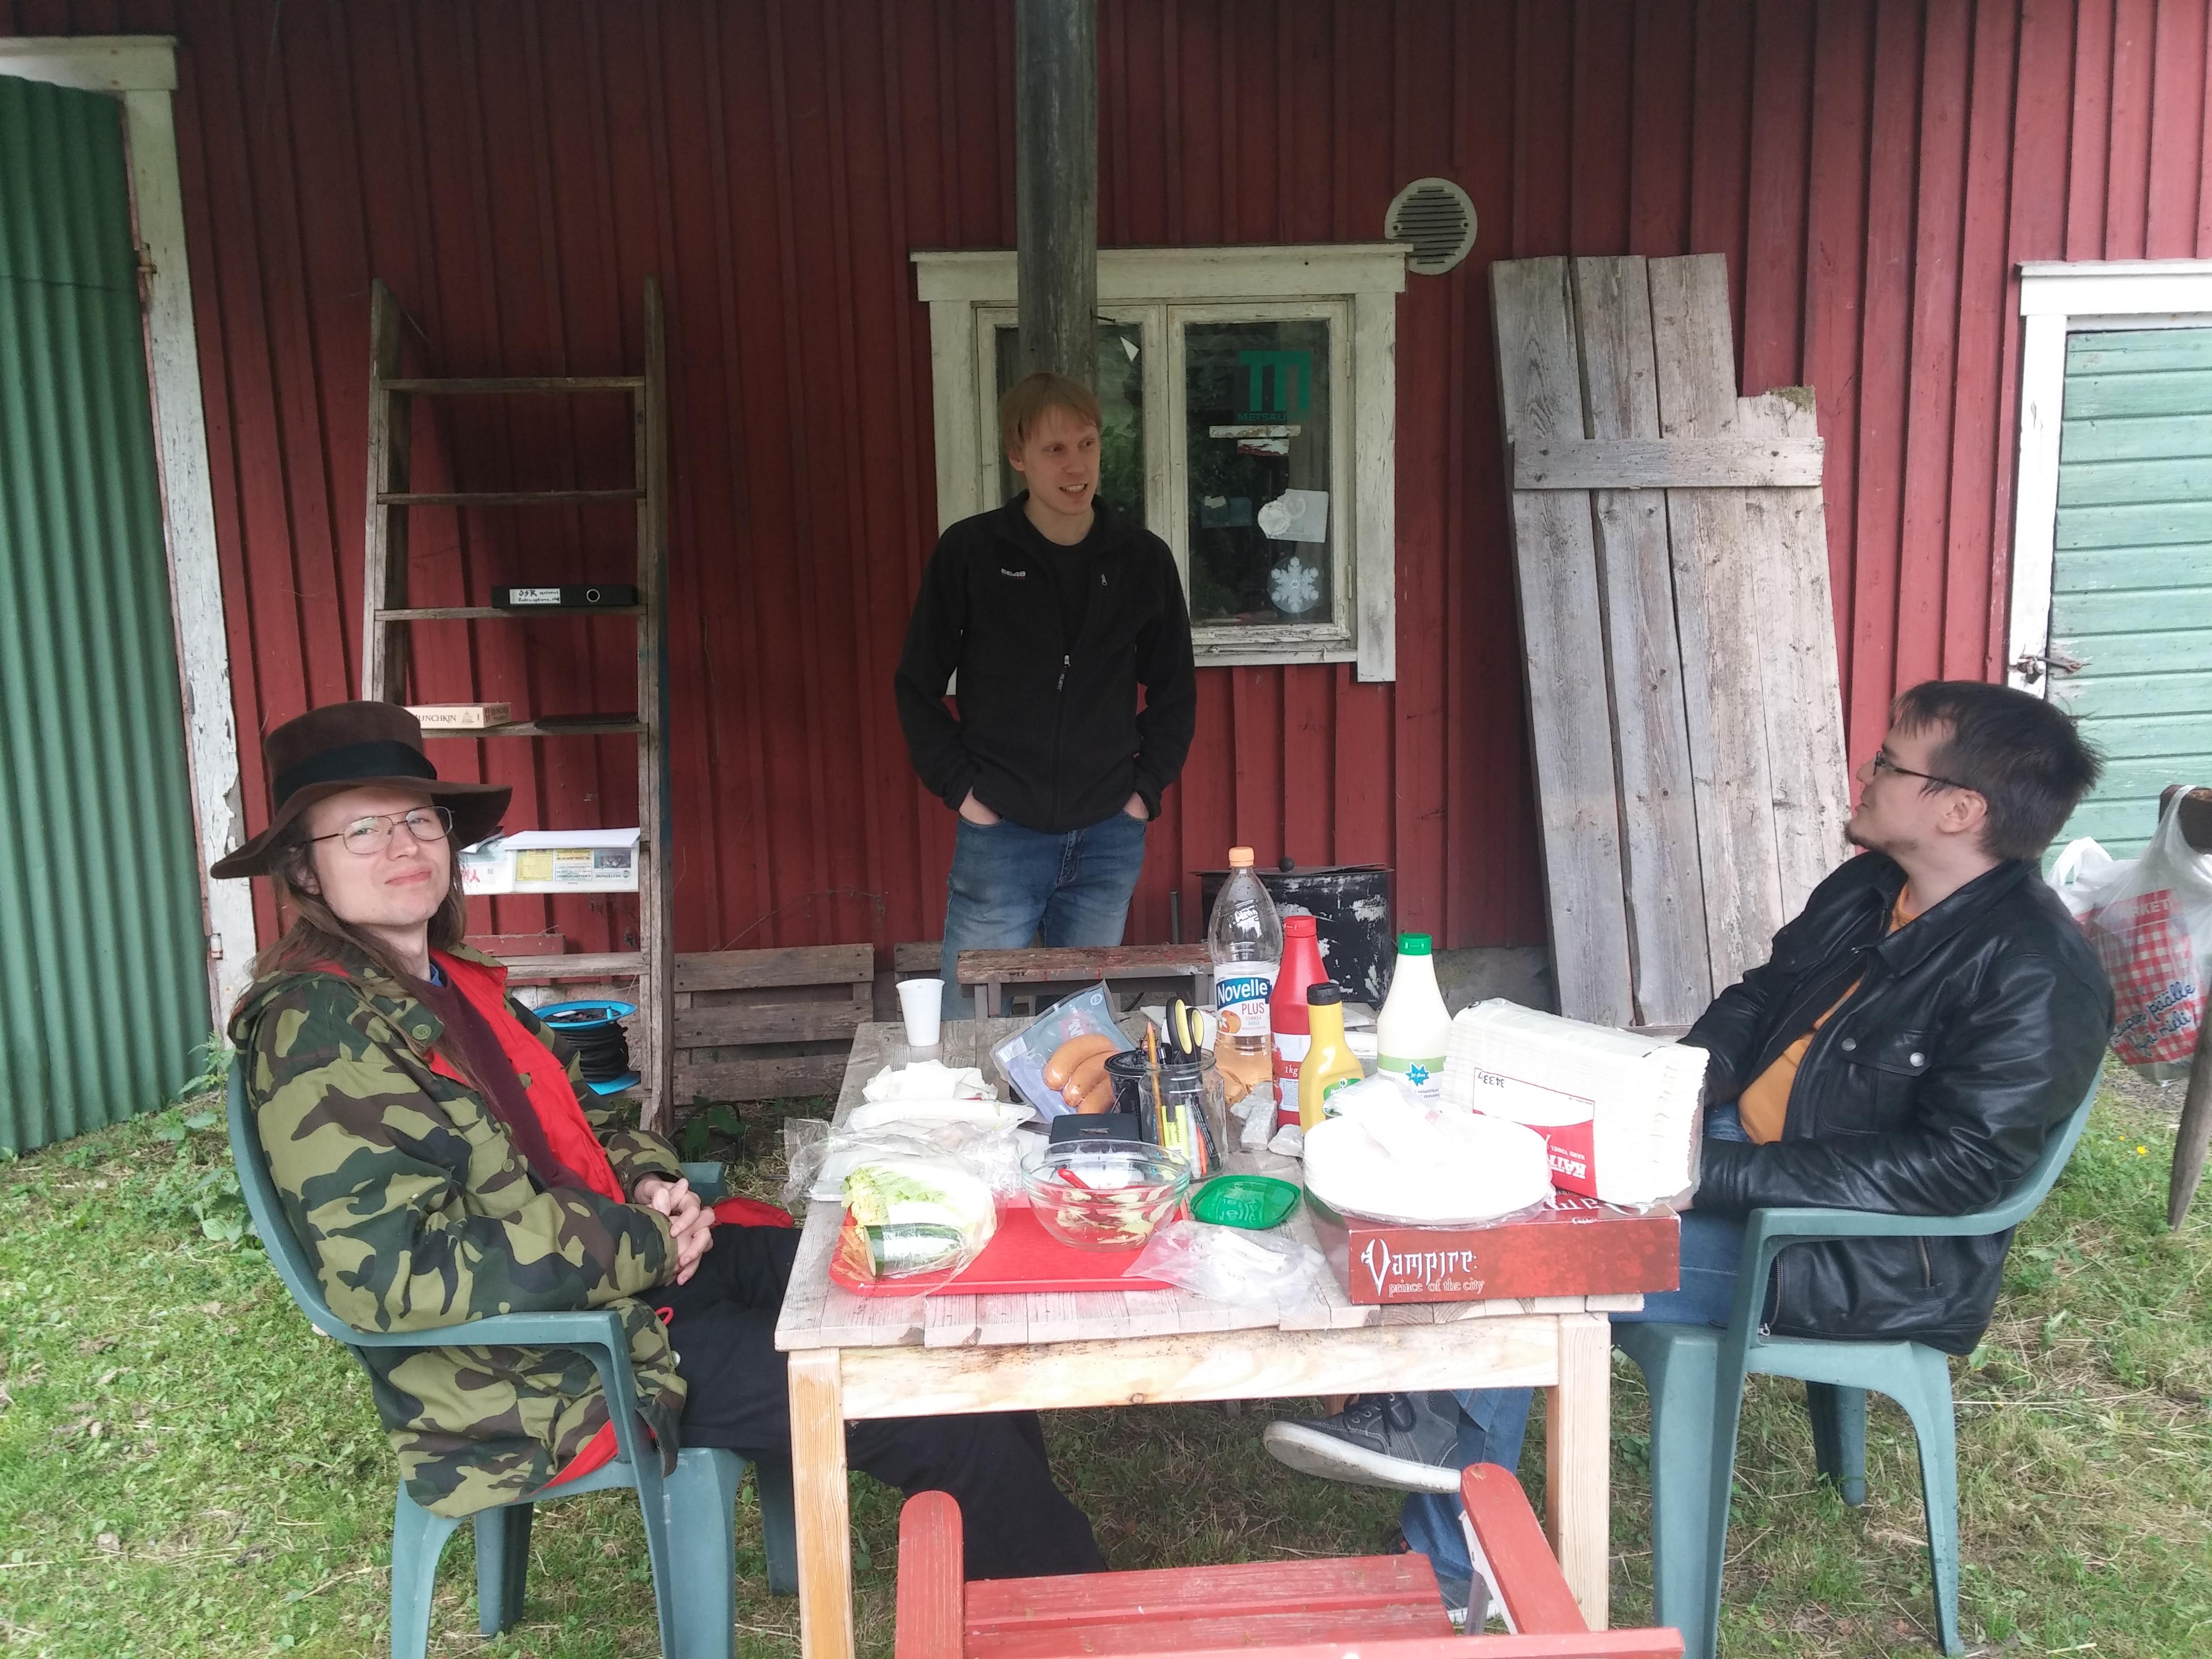 Ensimmäisen päivän vierailijat: Nestori Lehtonen, Sami Koponen ja Timo Hohkala.